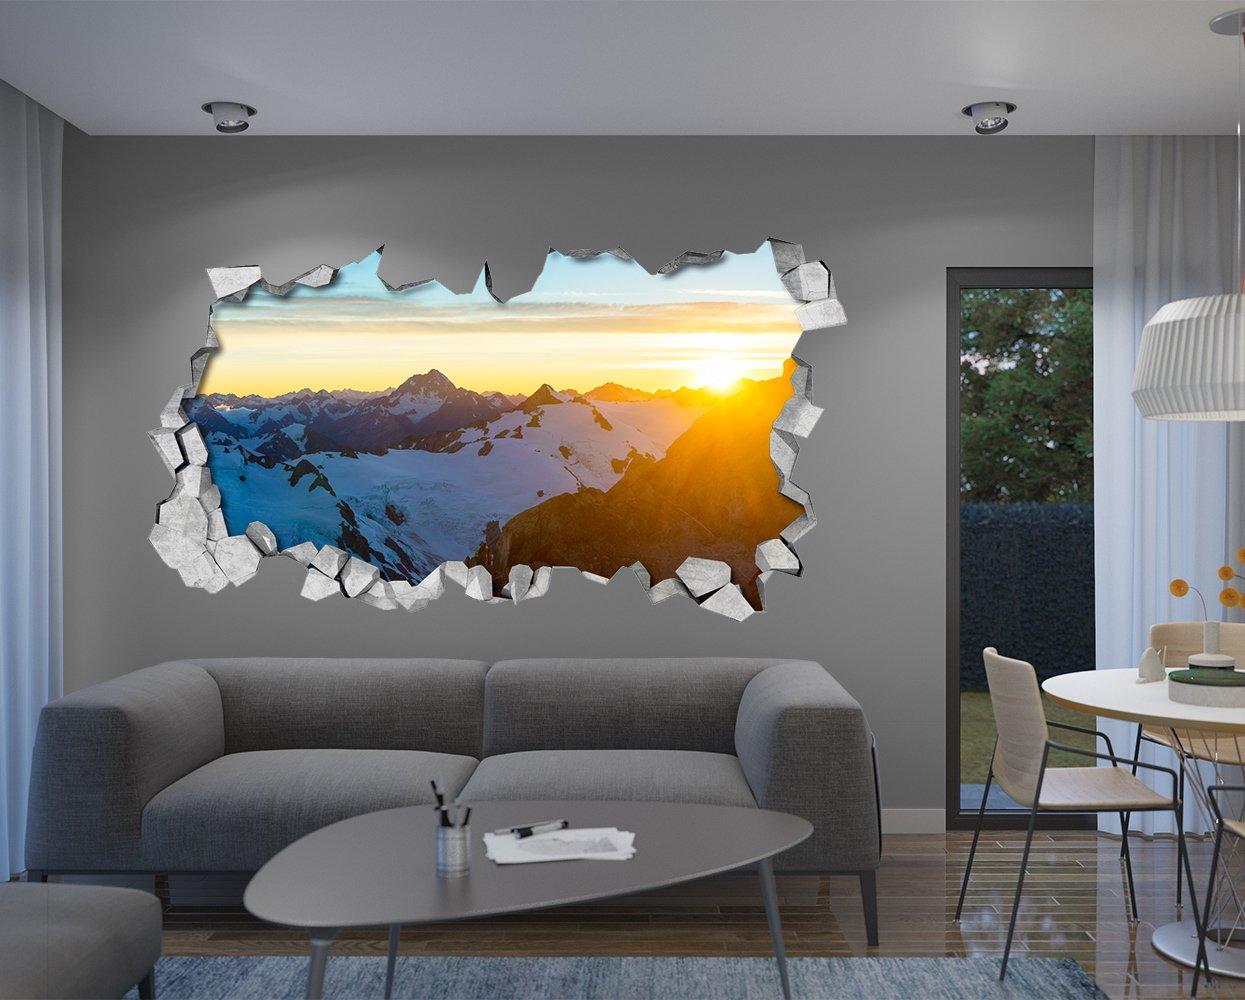 87 x 48 cm, Cielo Efecto Techo 3D Vinilos Adhesivos Decorativos Papel Pintado Efecto 3D